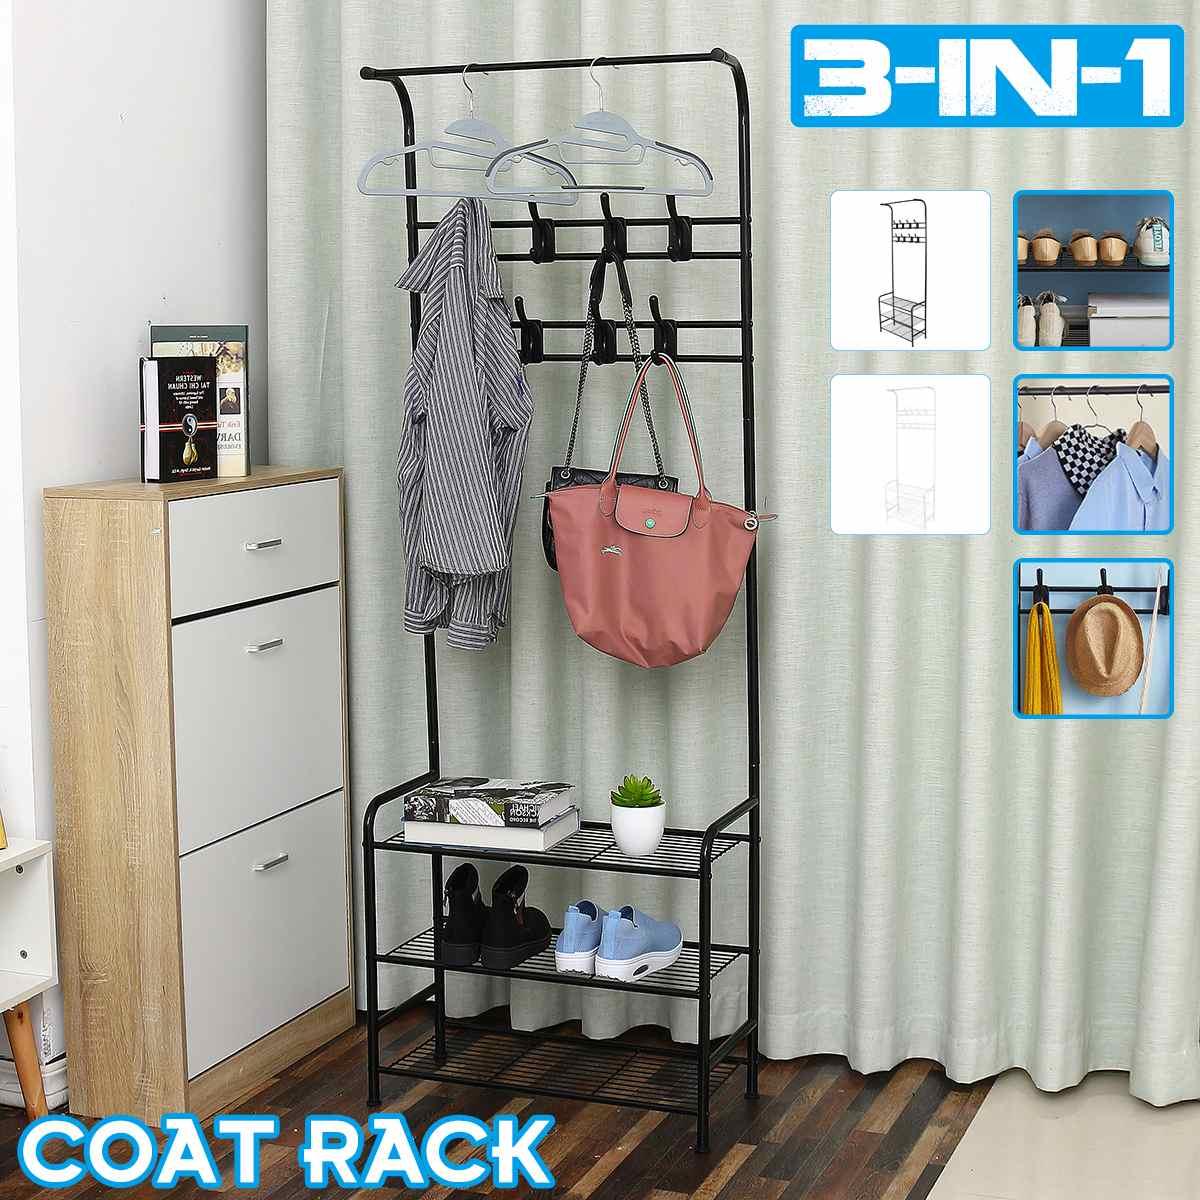 2 tier multi function coat rack clothes hat floor standing hanging storage shelf metal wardrobe hanger racks for bedroom office